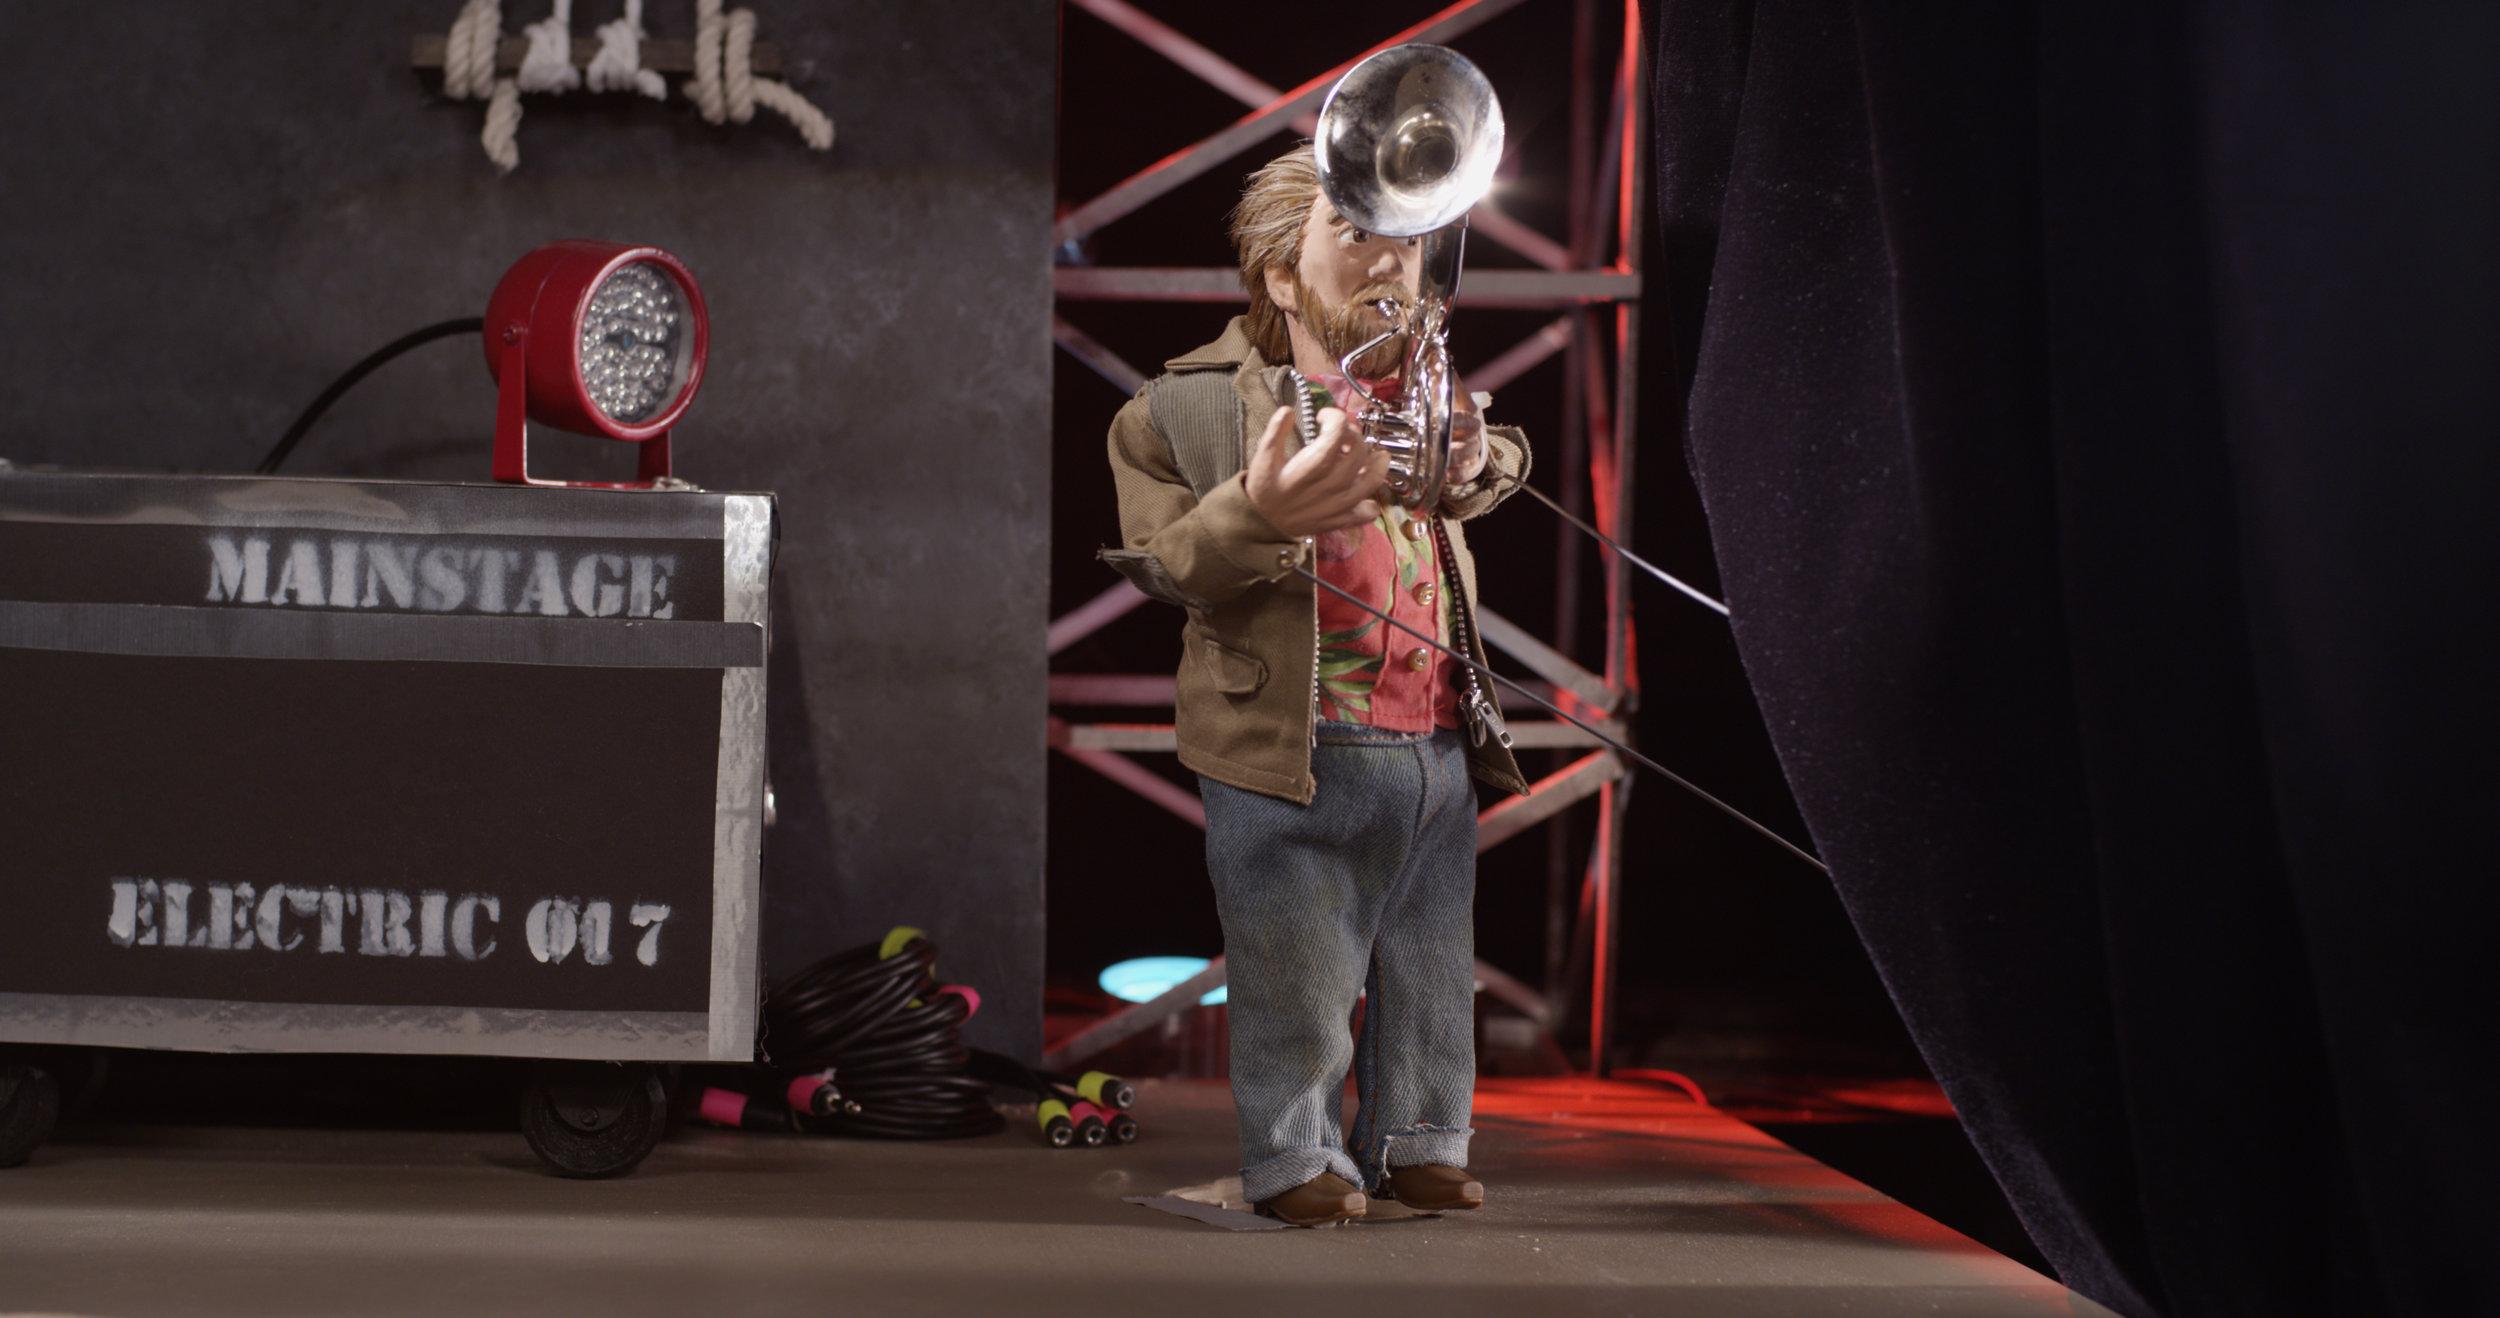 Backstage HOBO DAVE on horn.jpg